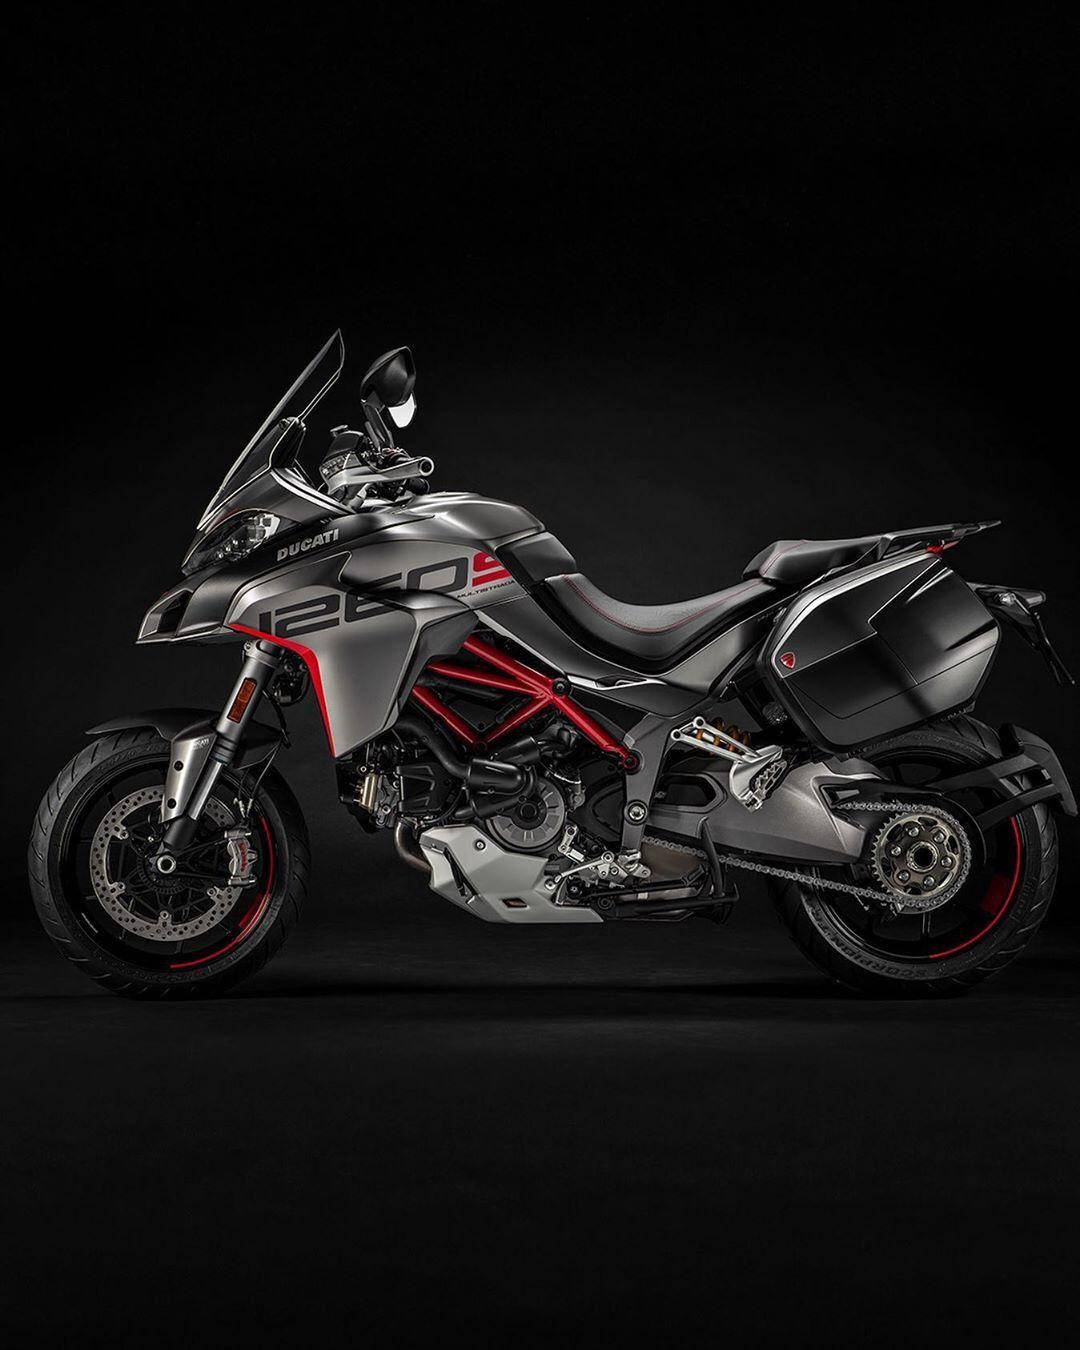 Ducati Multistrada 1260 : présentation, fiche technique, prix